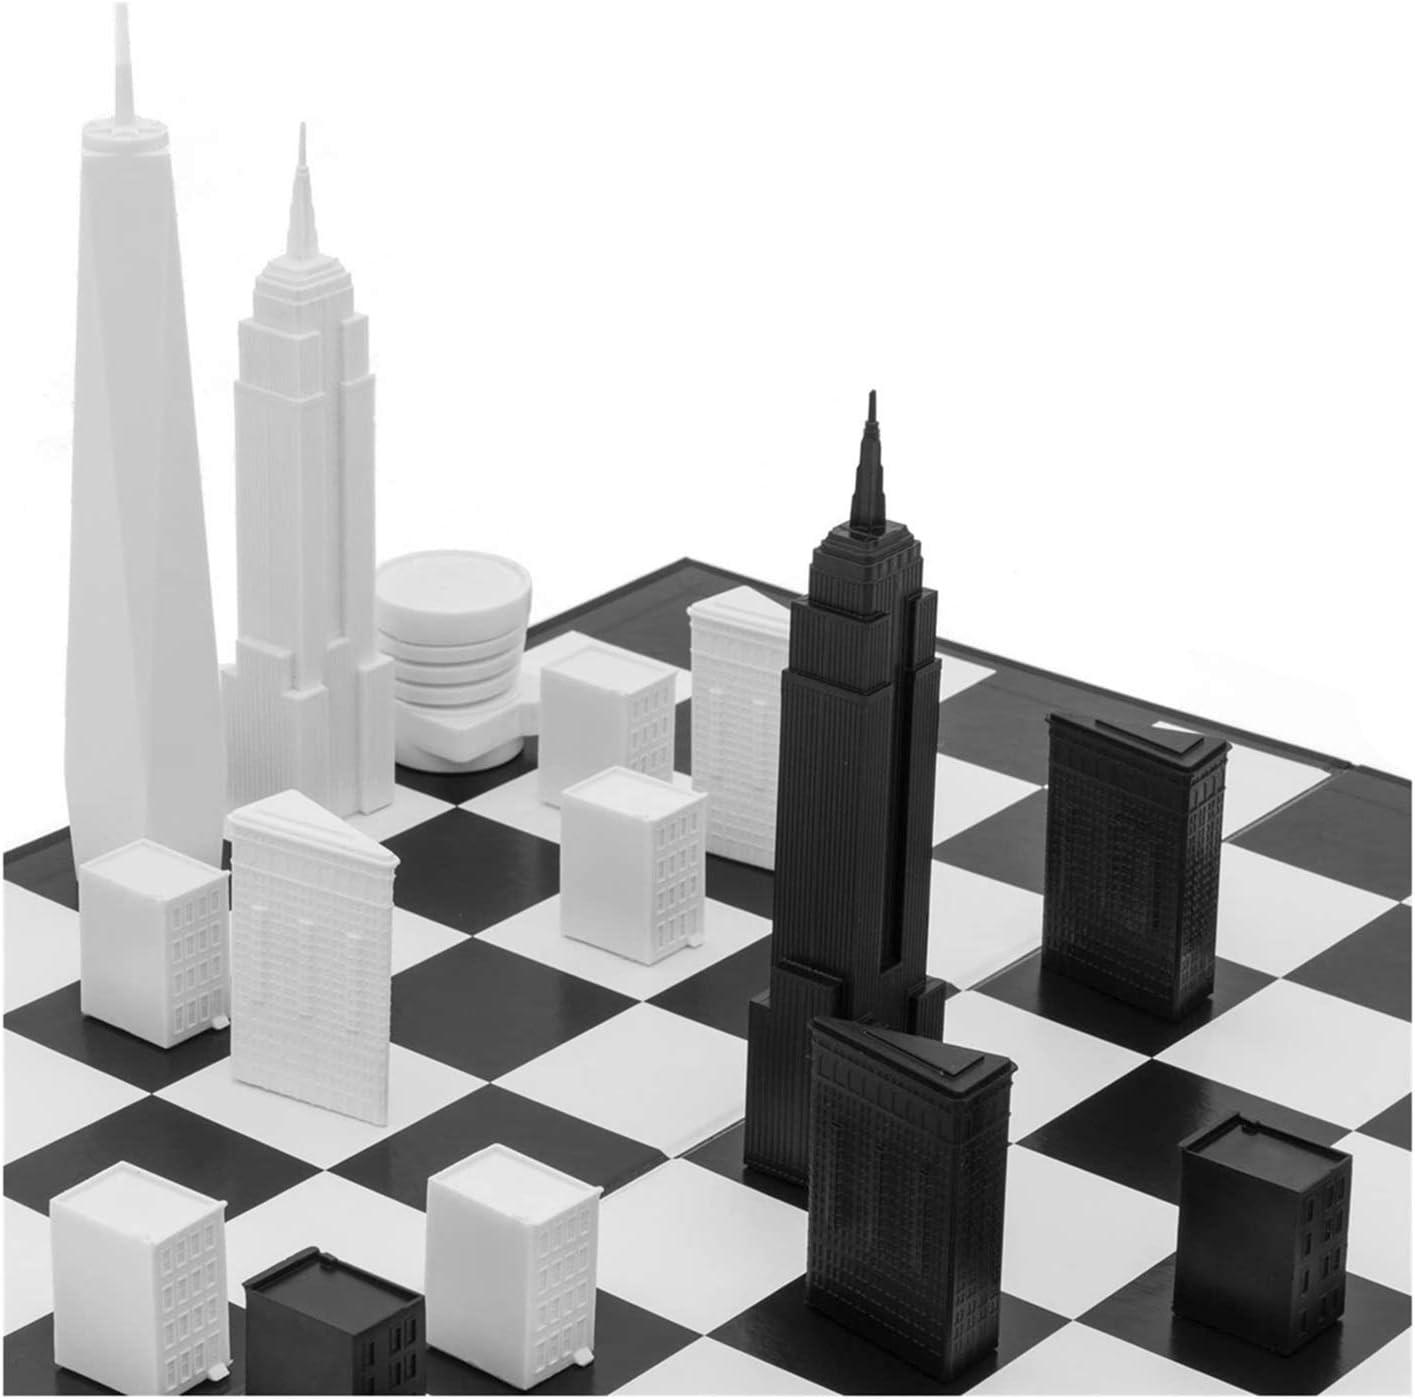 Die besten Geschenkideen für Architekten: Die besten Geschenkideen für Architekten: Schachspiel mit Skyline von New York